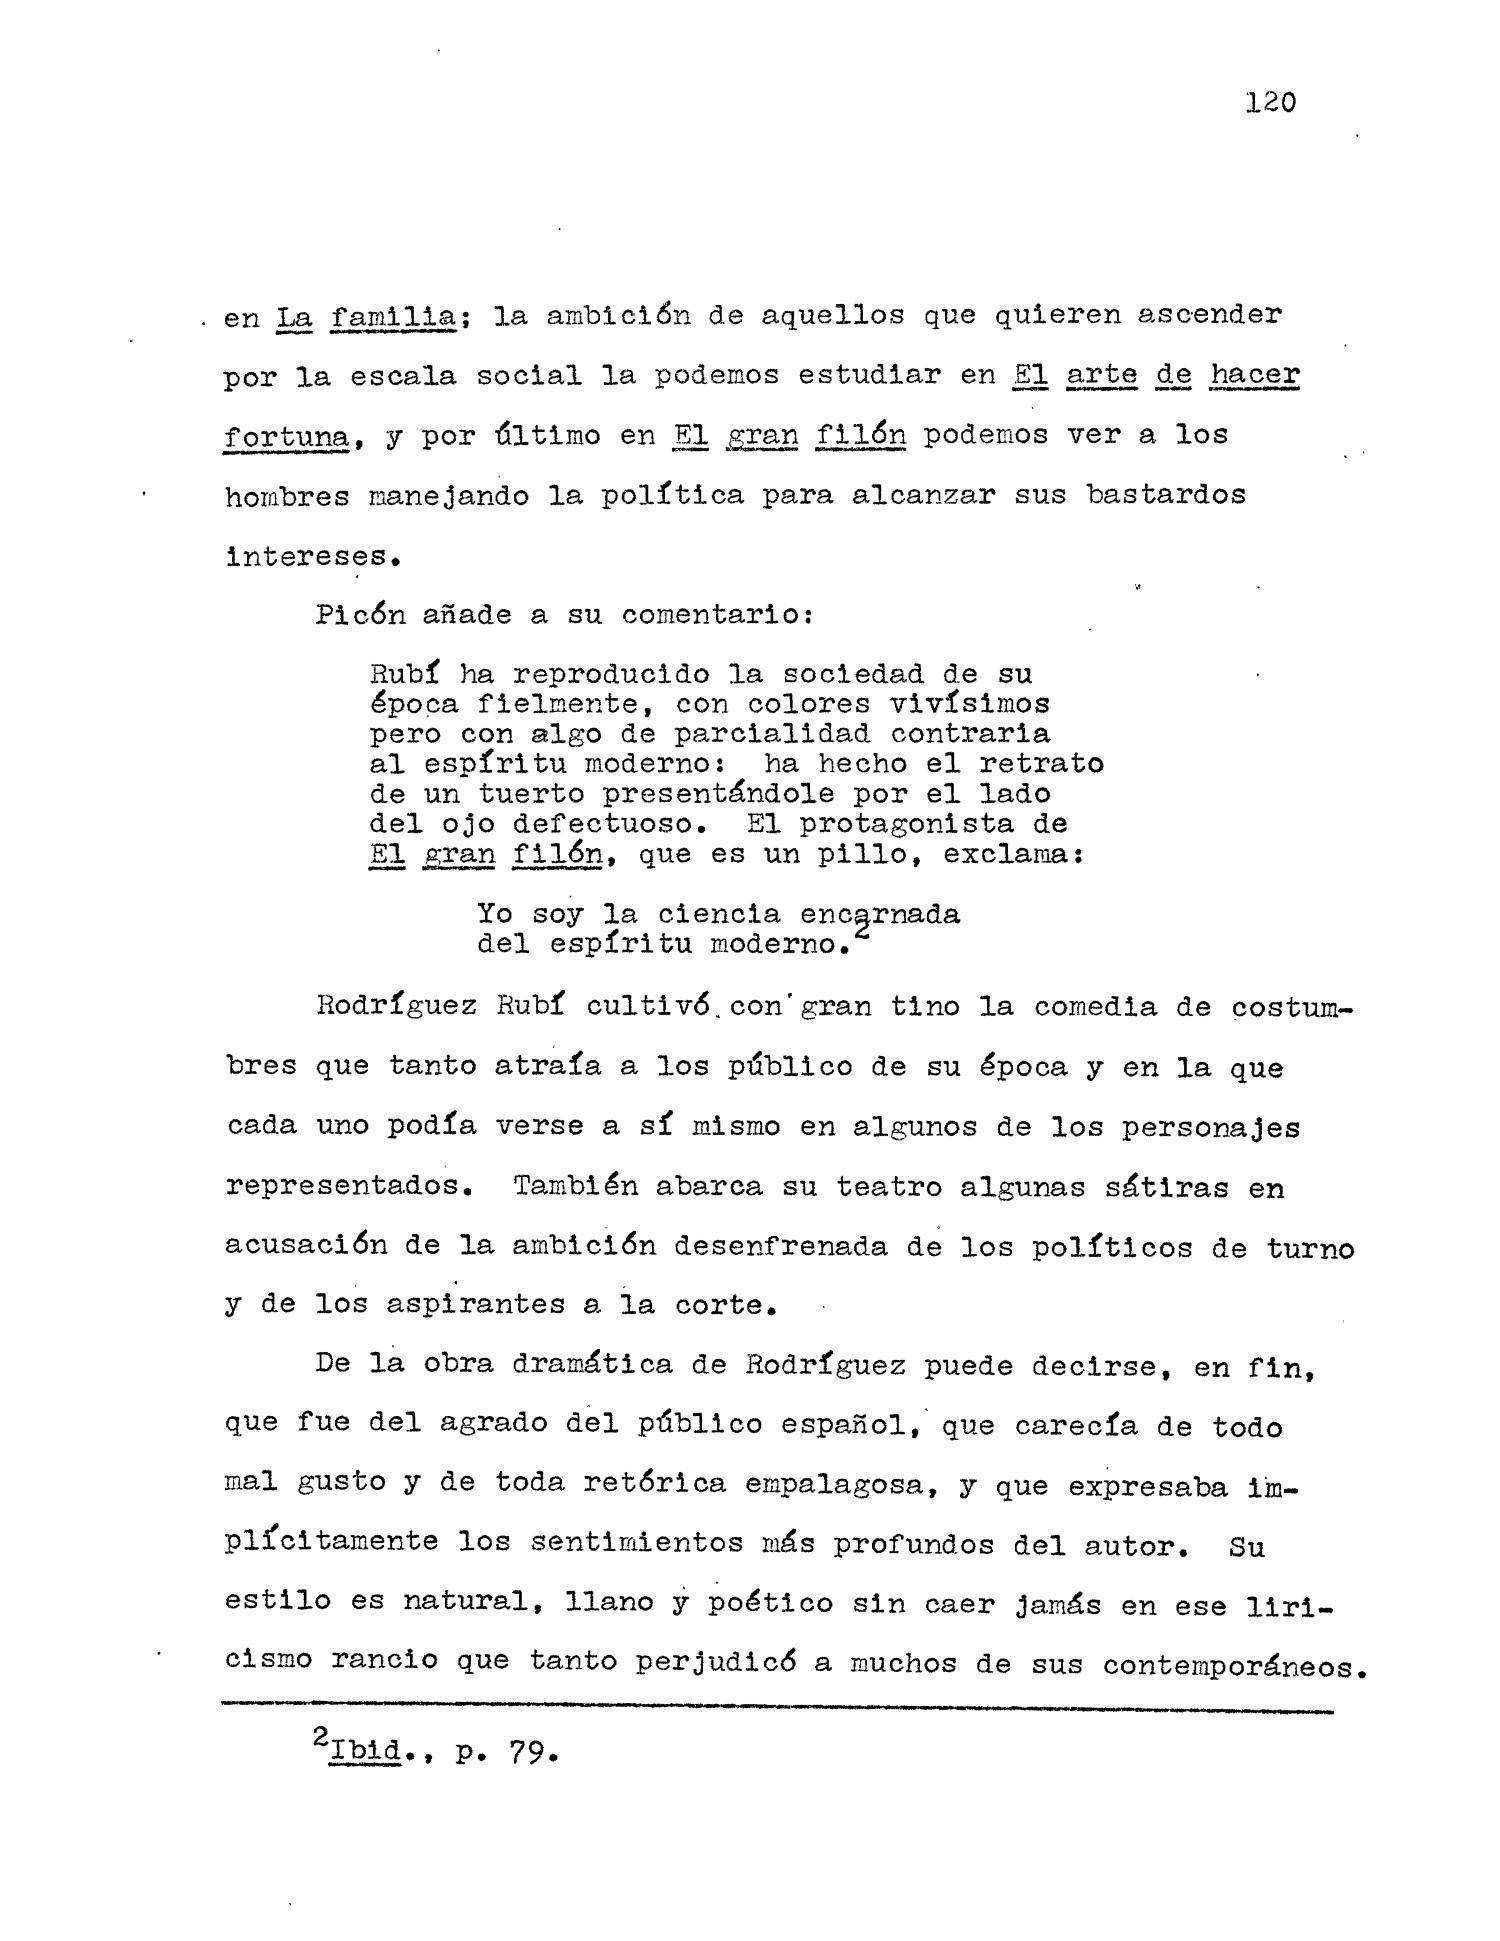 Don Tomas Rodriguez Y Diaz Rubi Page 120 Unt Digital Library